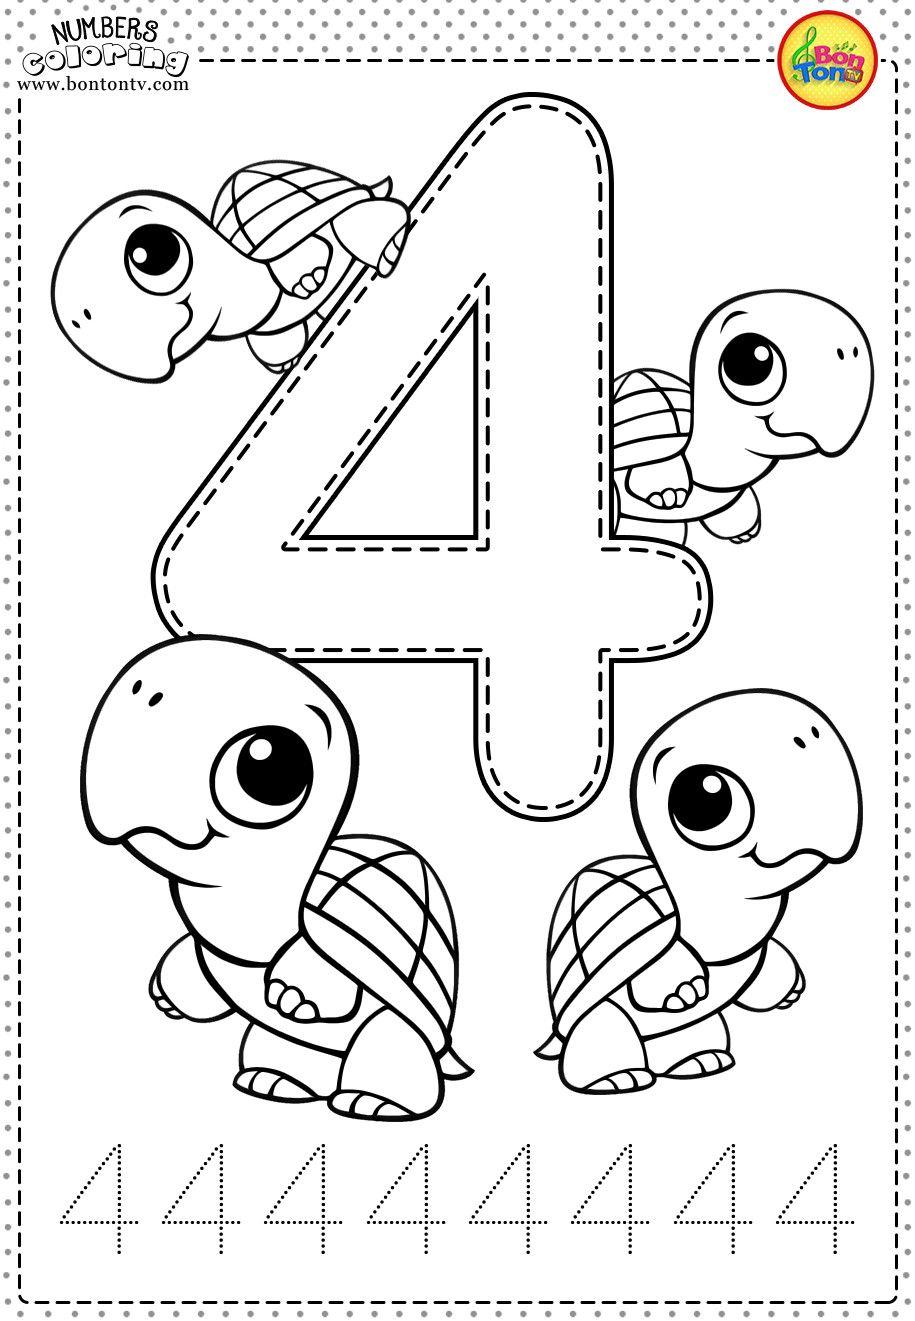 6 Kindergarten Numbers Worksheet Printable Number 4 Preschool Printables Free Worksheets And Kindergarten Numbers Workshe